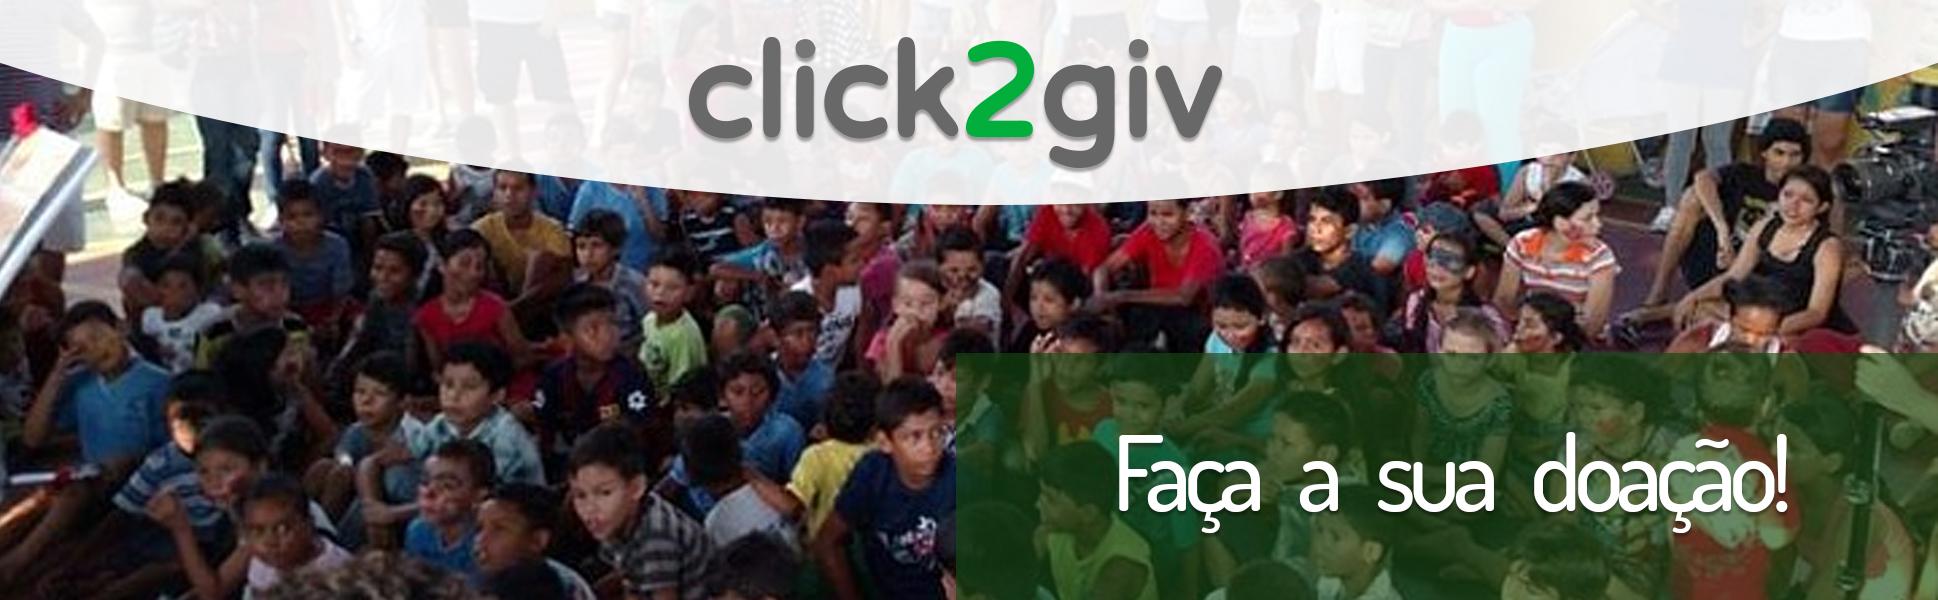 click2giv